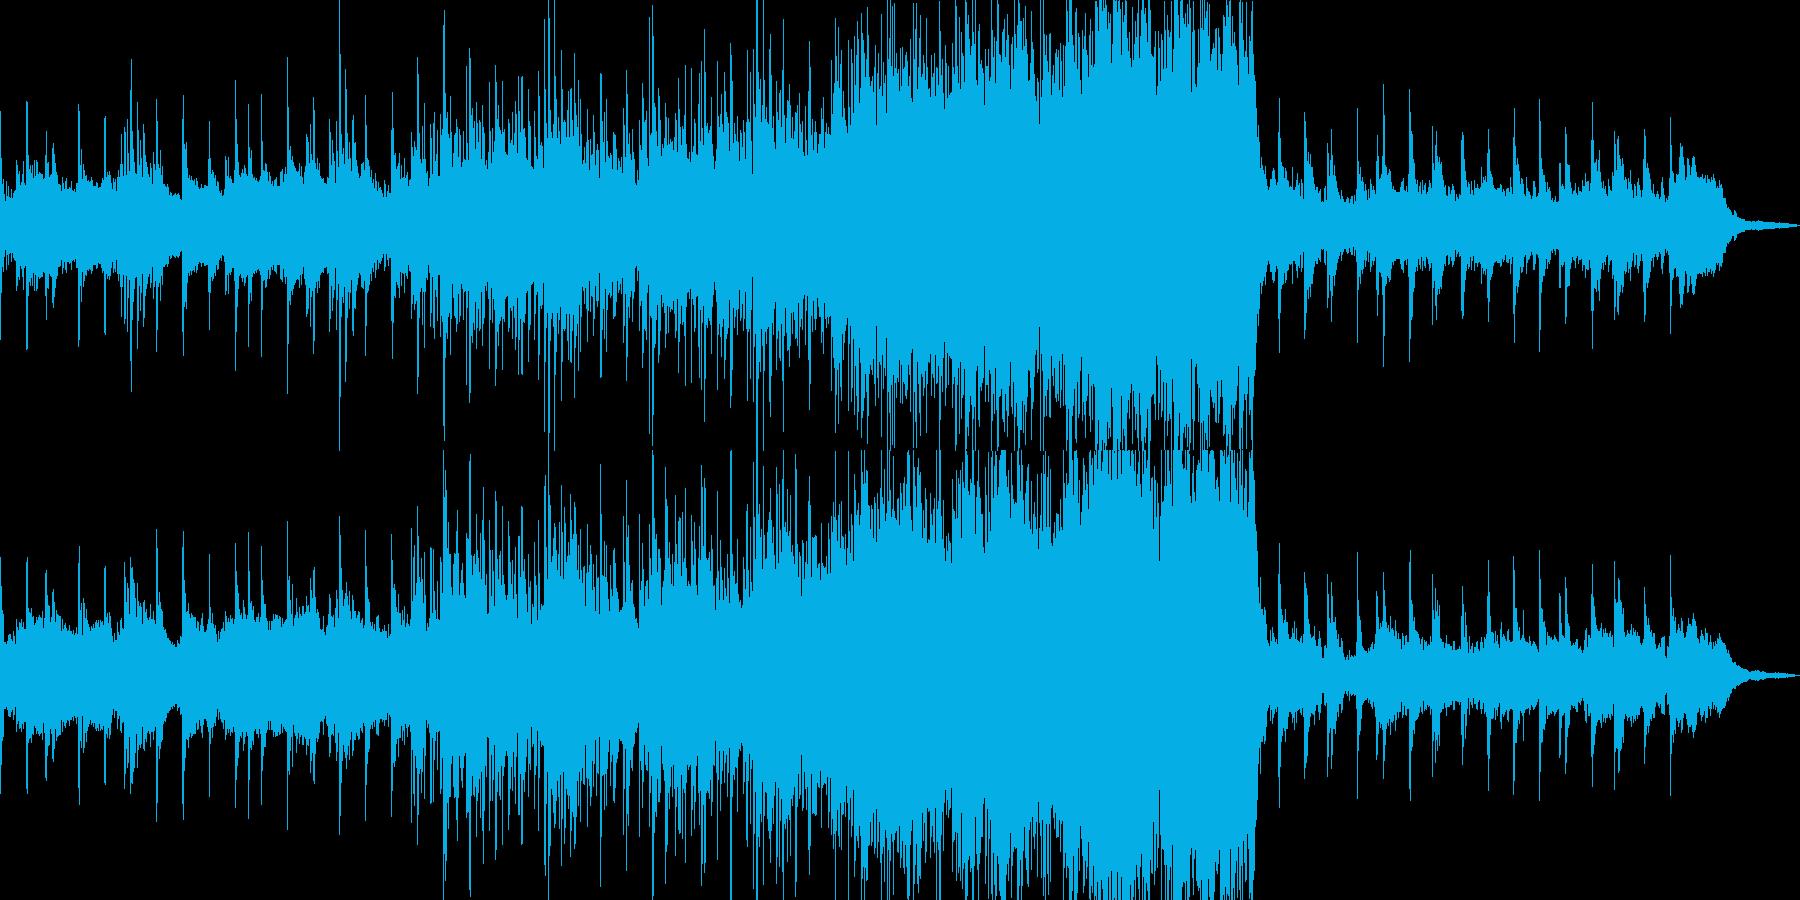 現代の交響曲 感情的 バラード 厳...の再生済みの波形